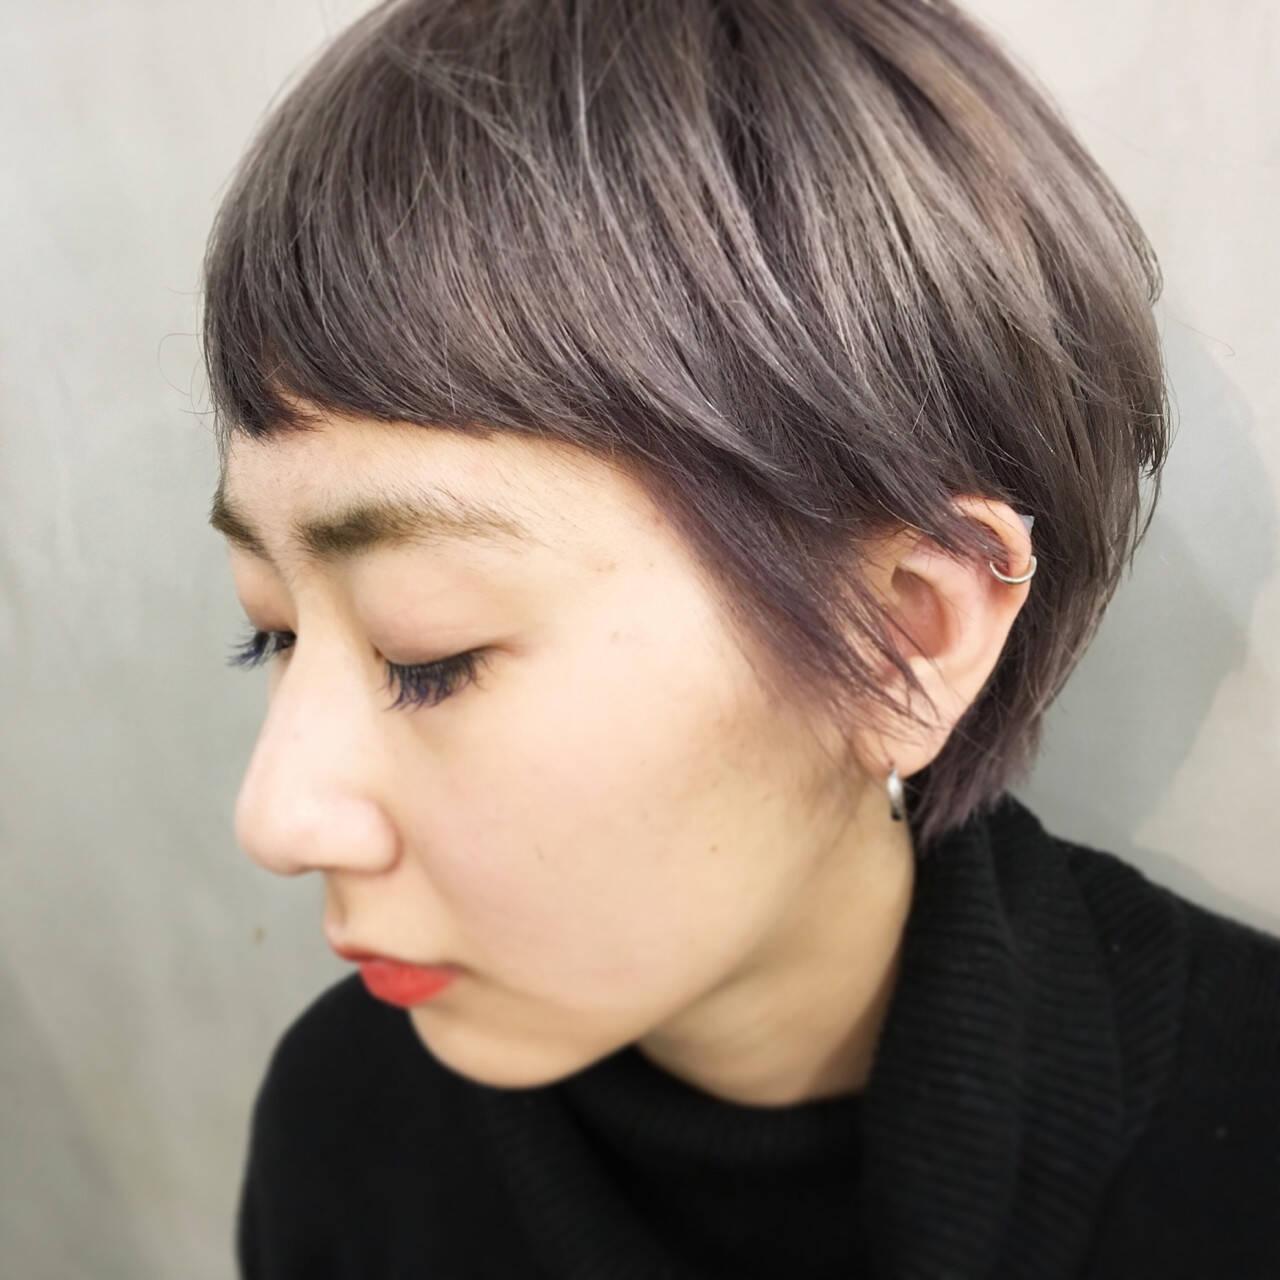 ナチュラル ウェットヘア ダブルカラー ショートヘアスタイルや髪型の写真・画像